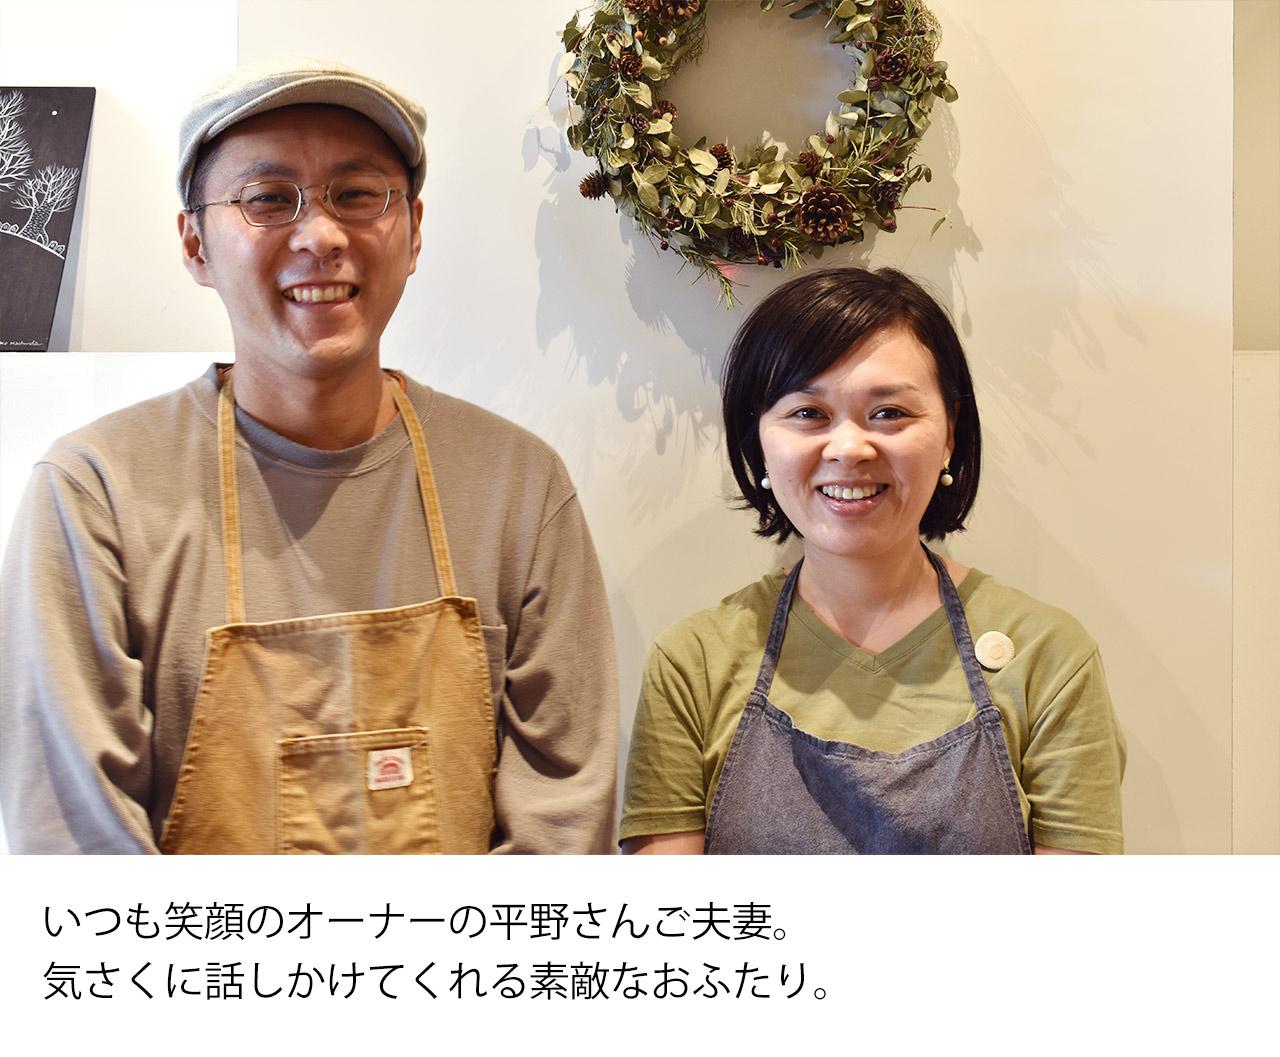 いつも笑顔のオーナーの平野さんご夫妻。気さくに話しかけてくれる素敵なおふたり。